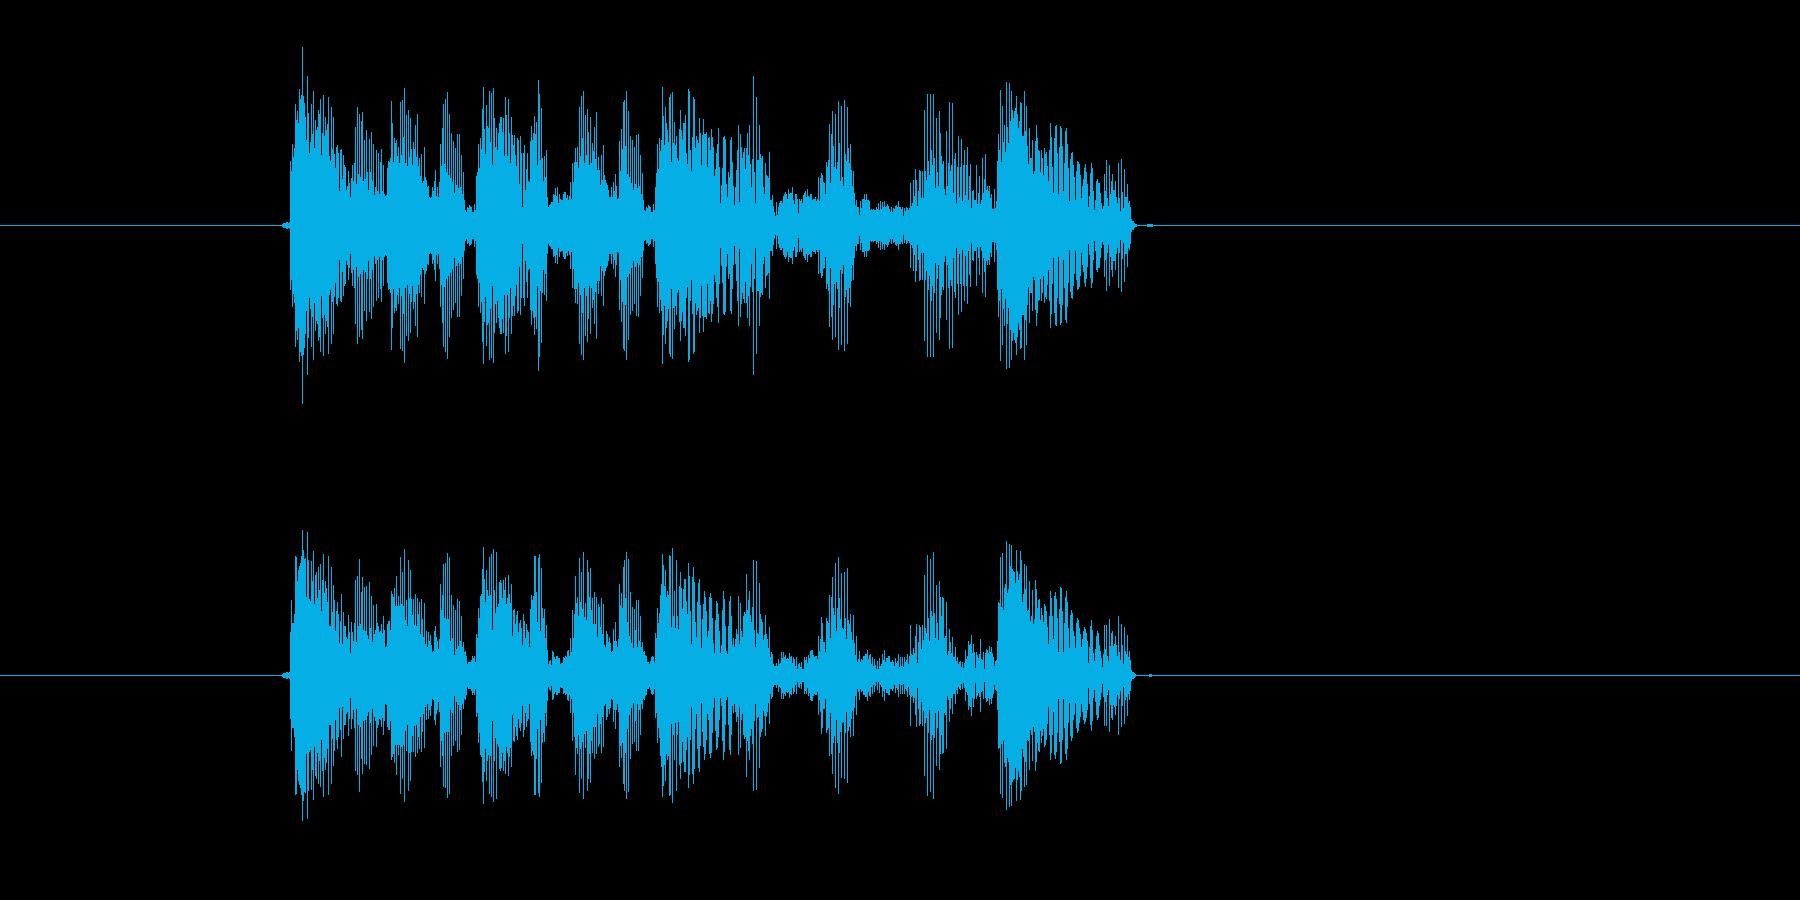 トゥルートットットッ(追われてる、焦り)の再生済みの波形